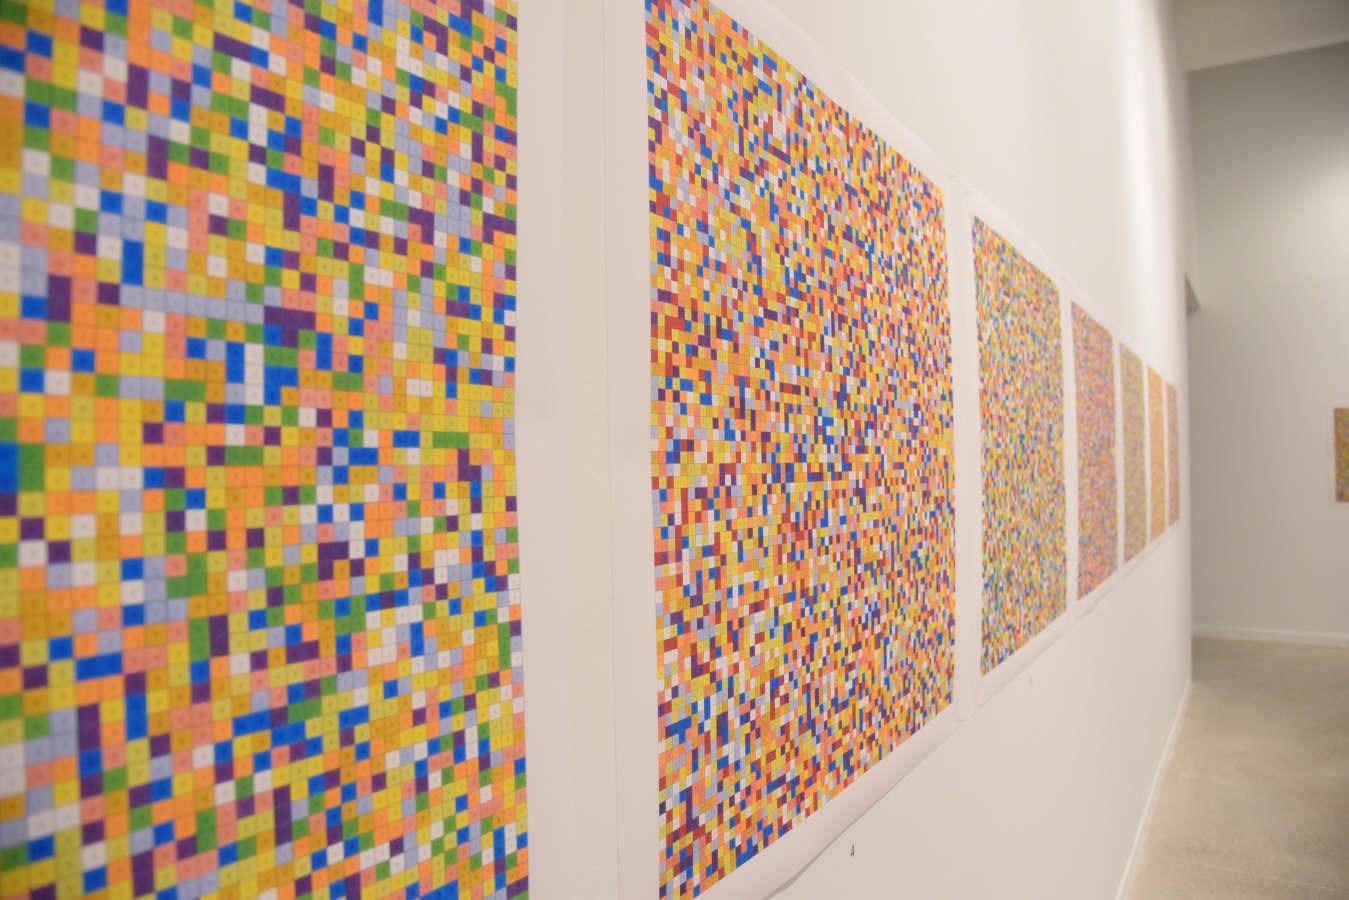 Esther Ferrer reflexiona sobre el tiempo desde su «mar de números primos»